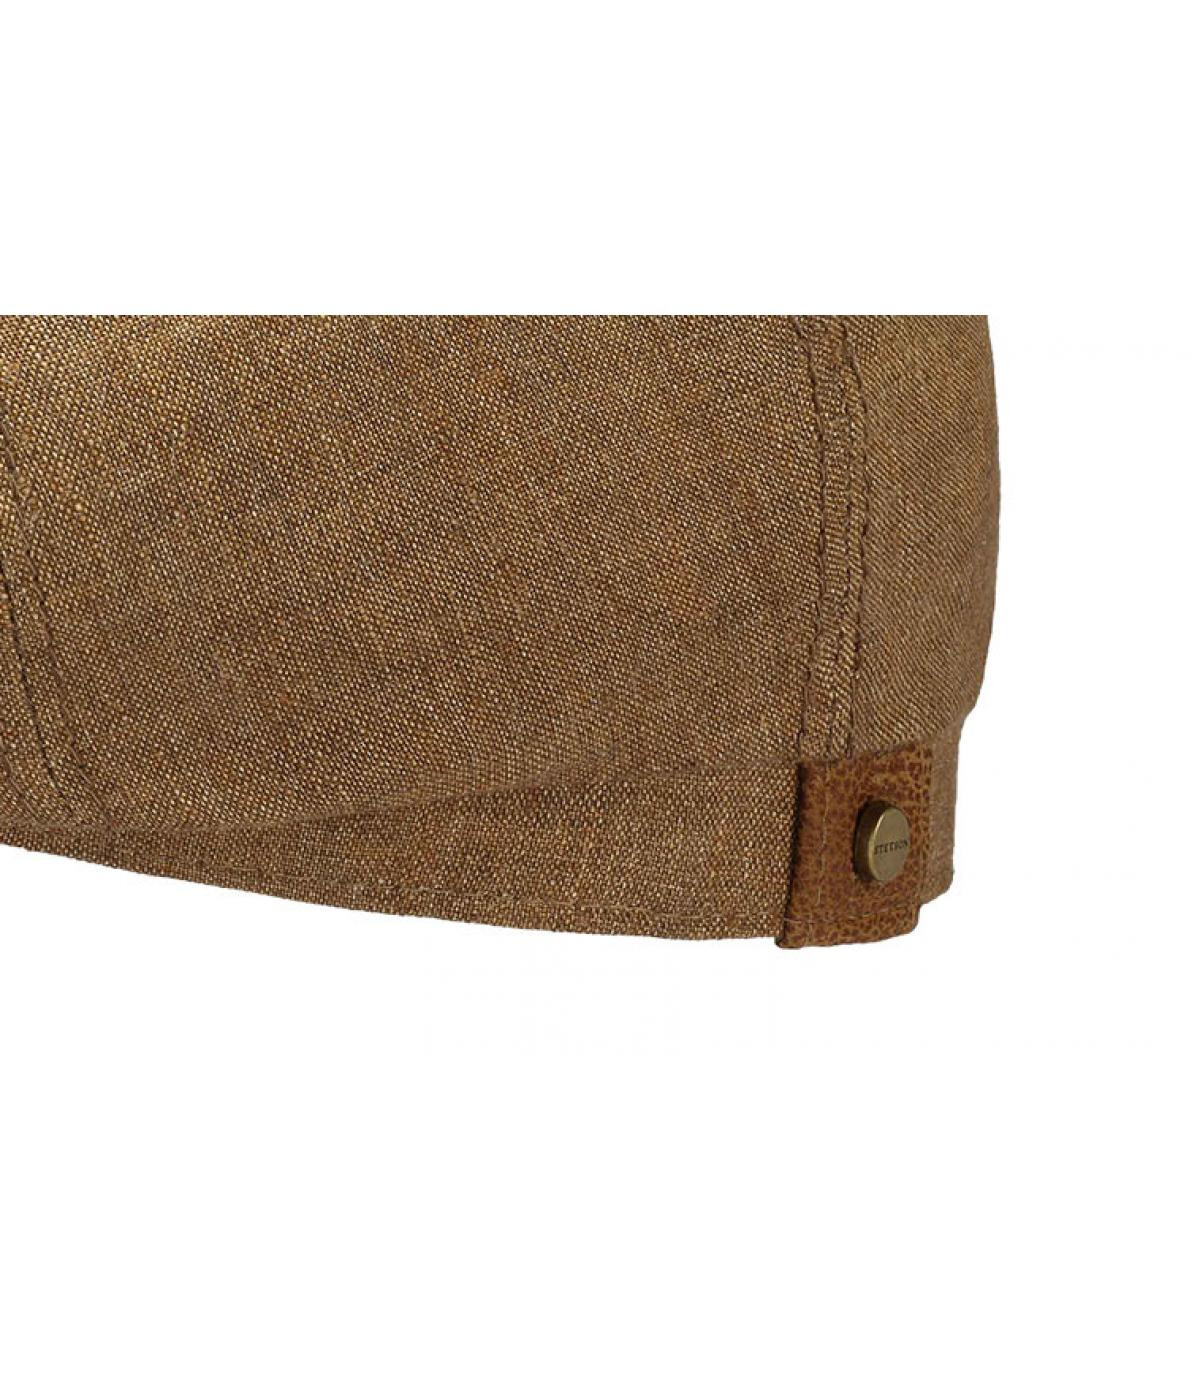 Details Hatteras Linen light brown - afbeeling 3